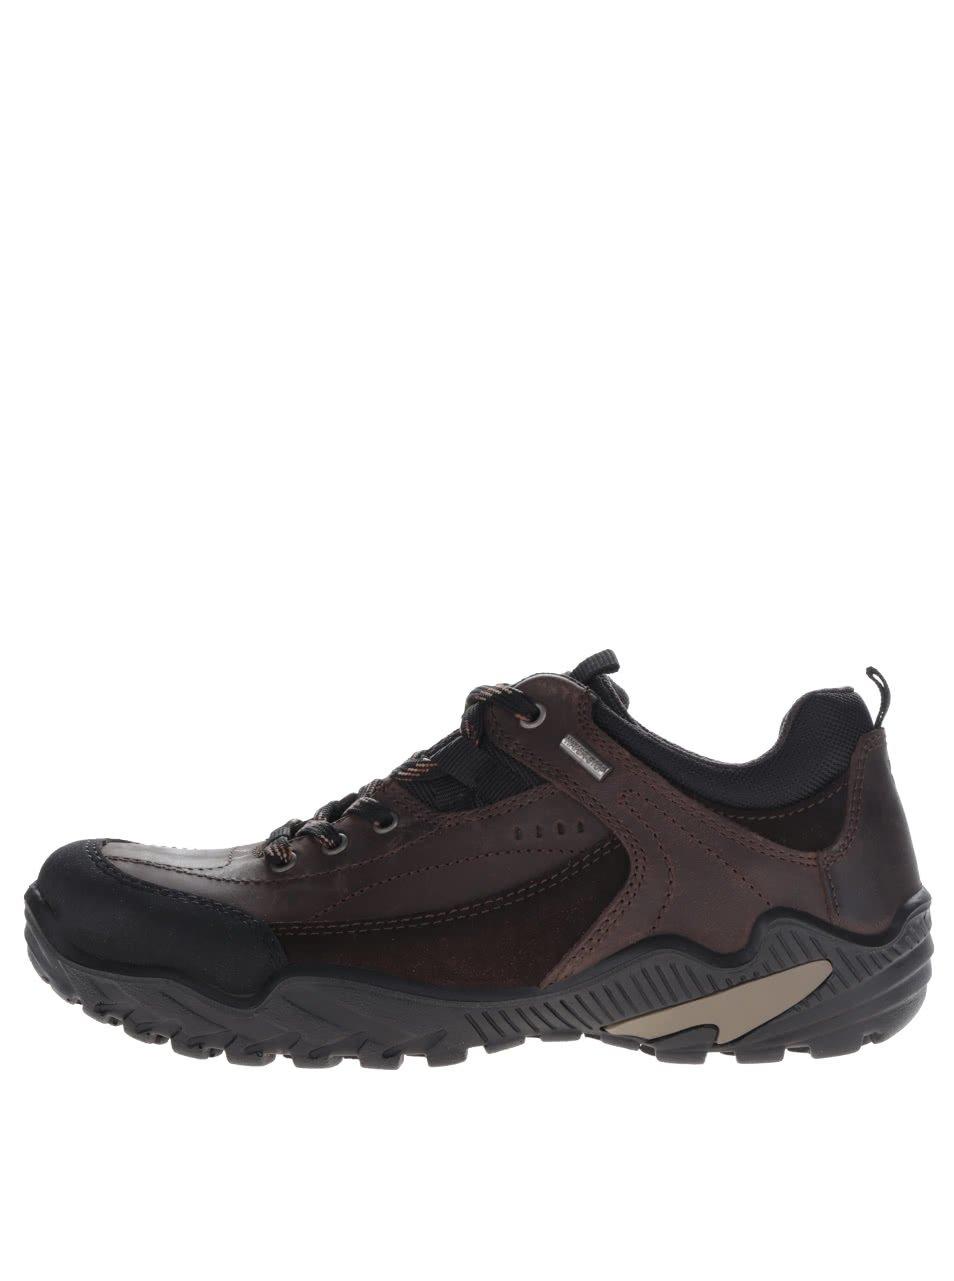 Tmavě hnědé pánské kožené boty s detaily Weinbrenner